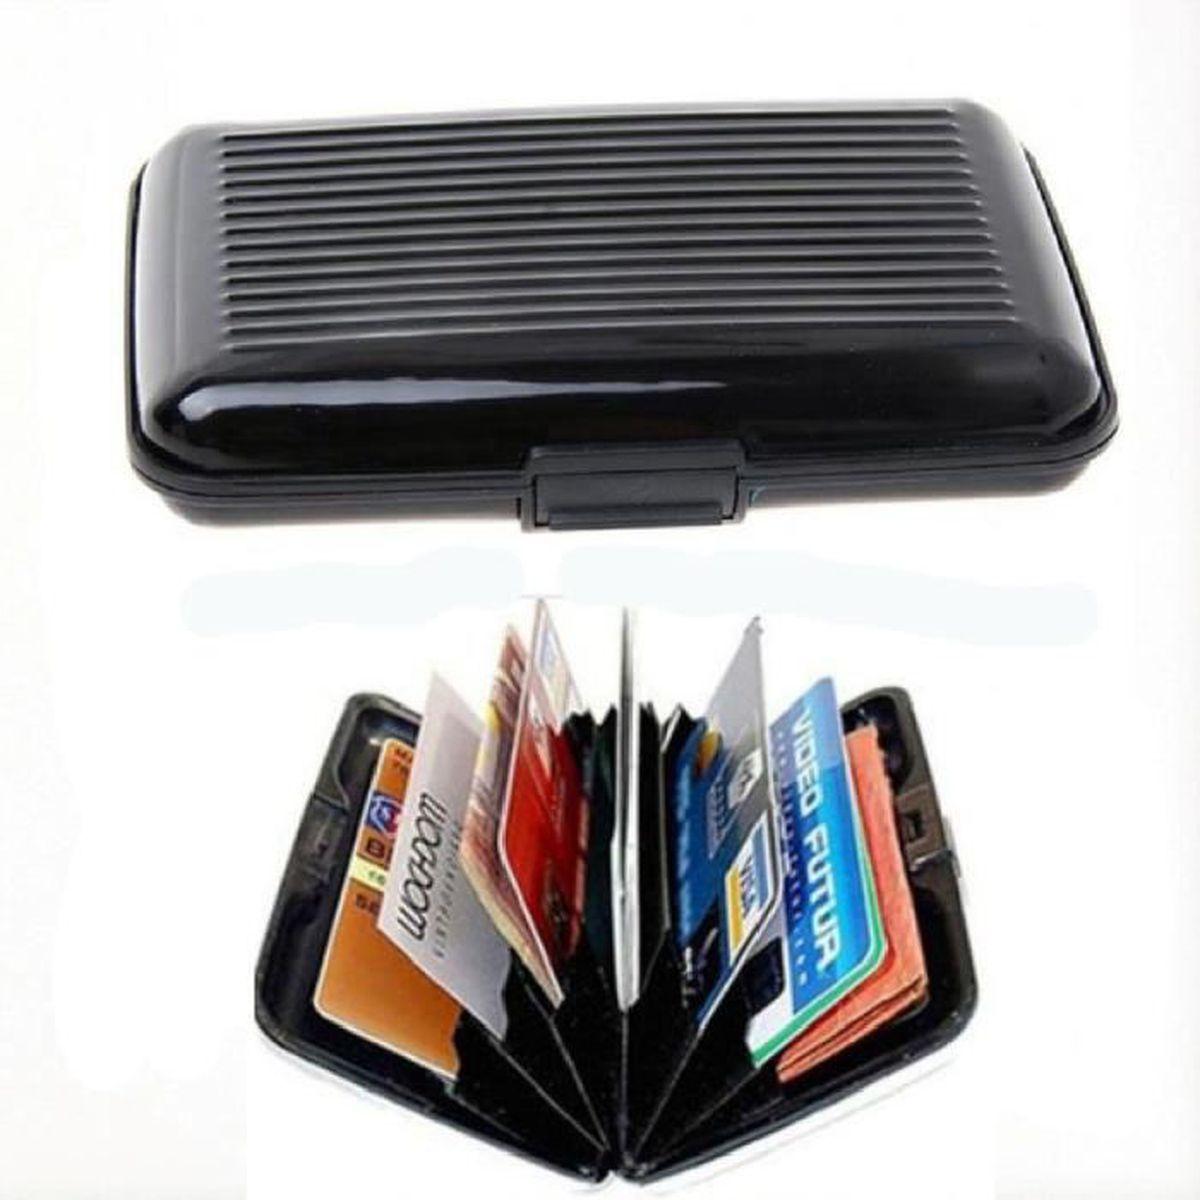 etui carte bancaire rigide Etui carte de credit Boite Porte Carte portefeuille rigide de